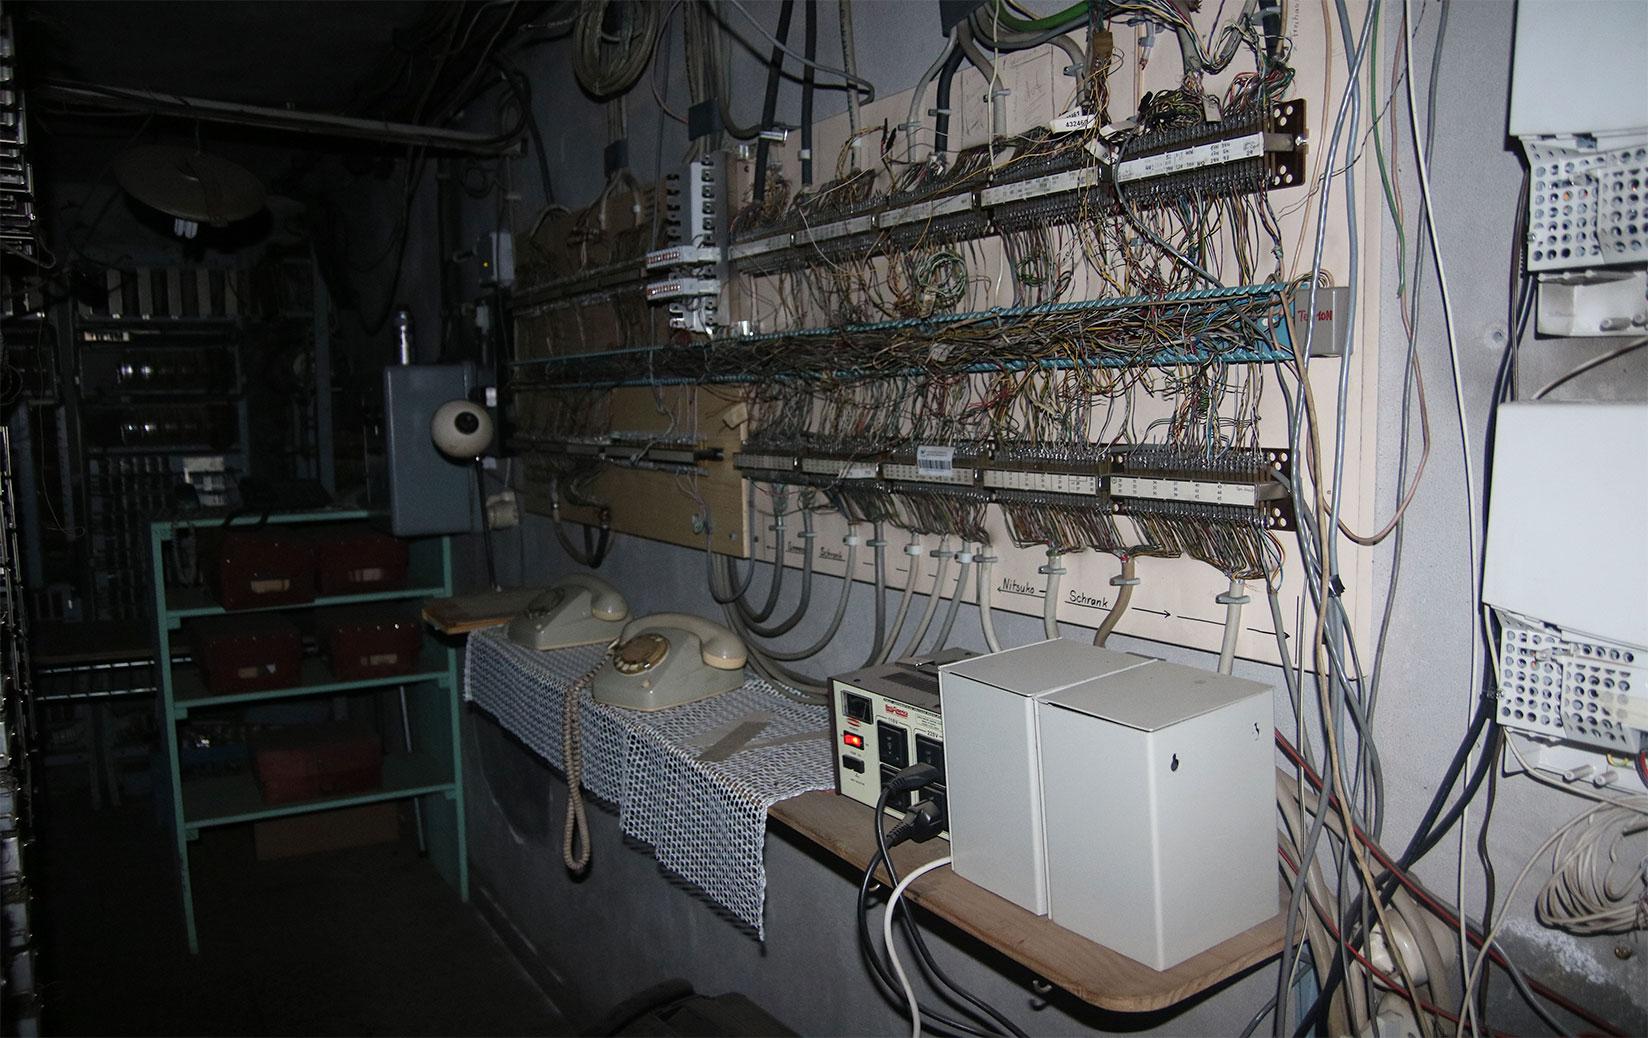 Sala de escuchas del interior de los pasadizos de la Colonia